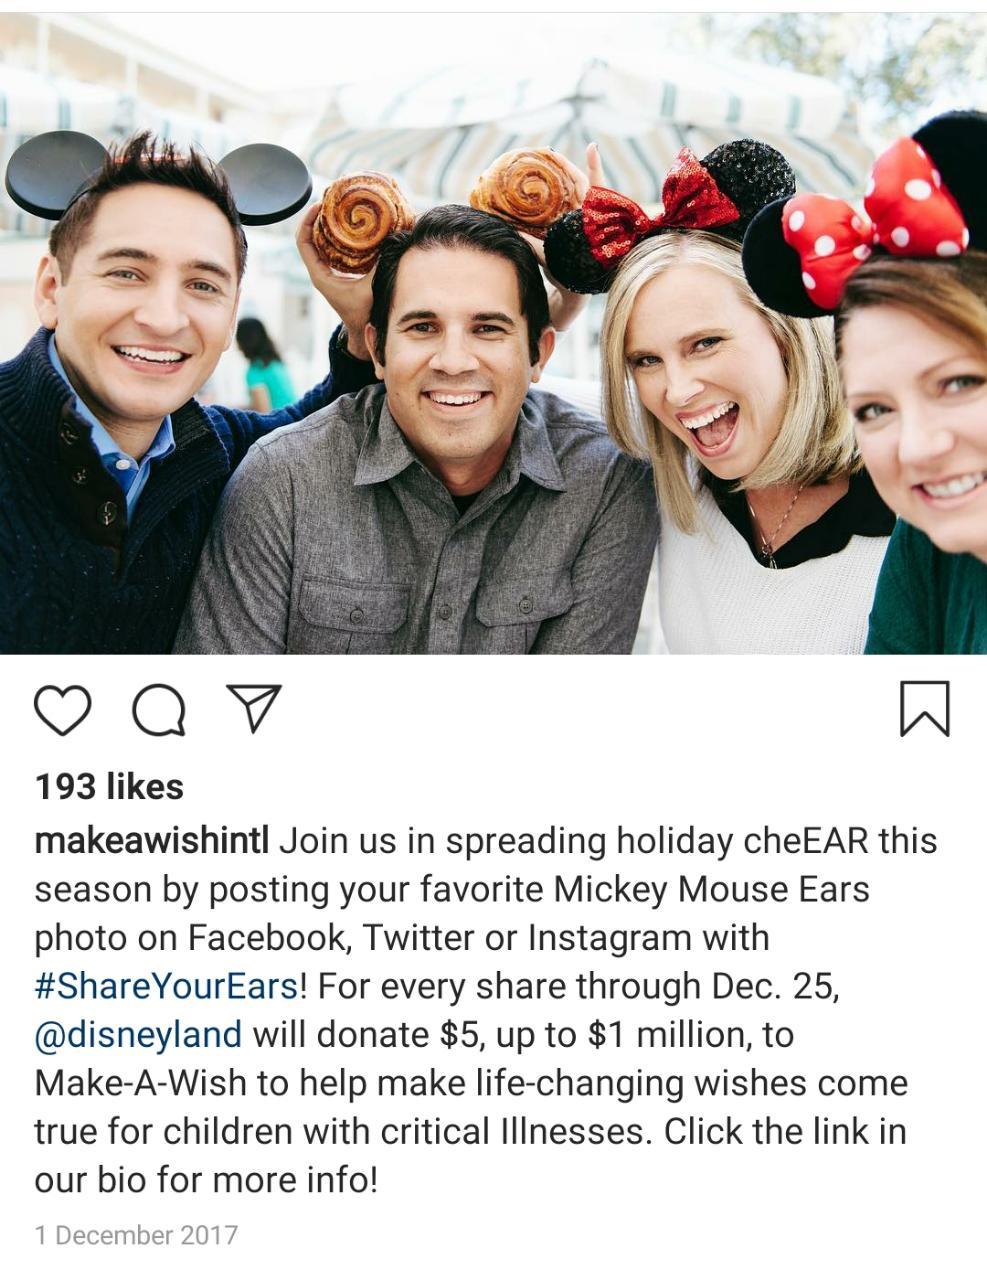 Disney's #ShareYourEars Campaign- use of social media hashtags